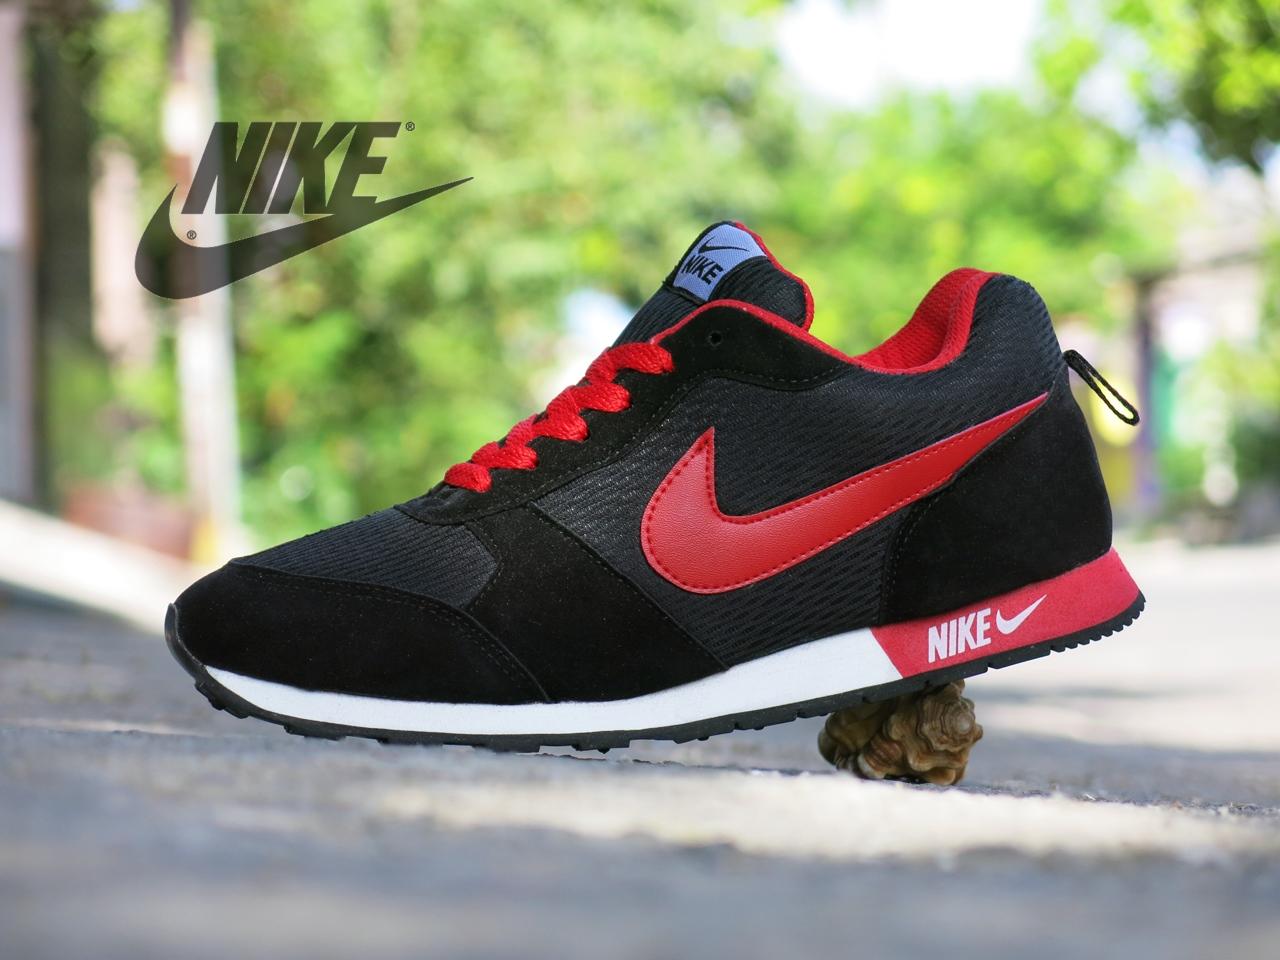 Jual Sepatu Olahraga Pria Nike Waffle Trainer Hitam Merah casual ... 7425be560d